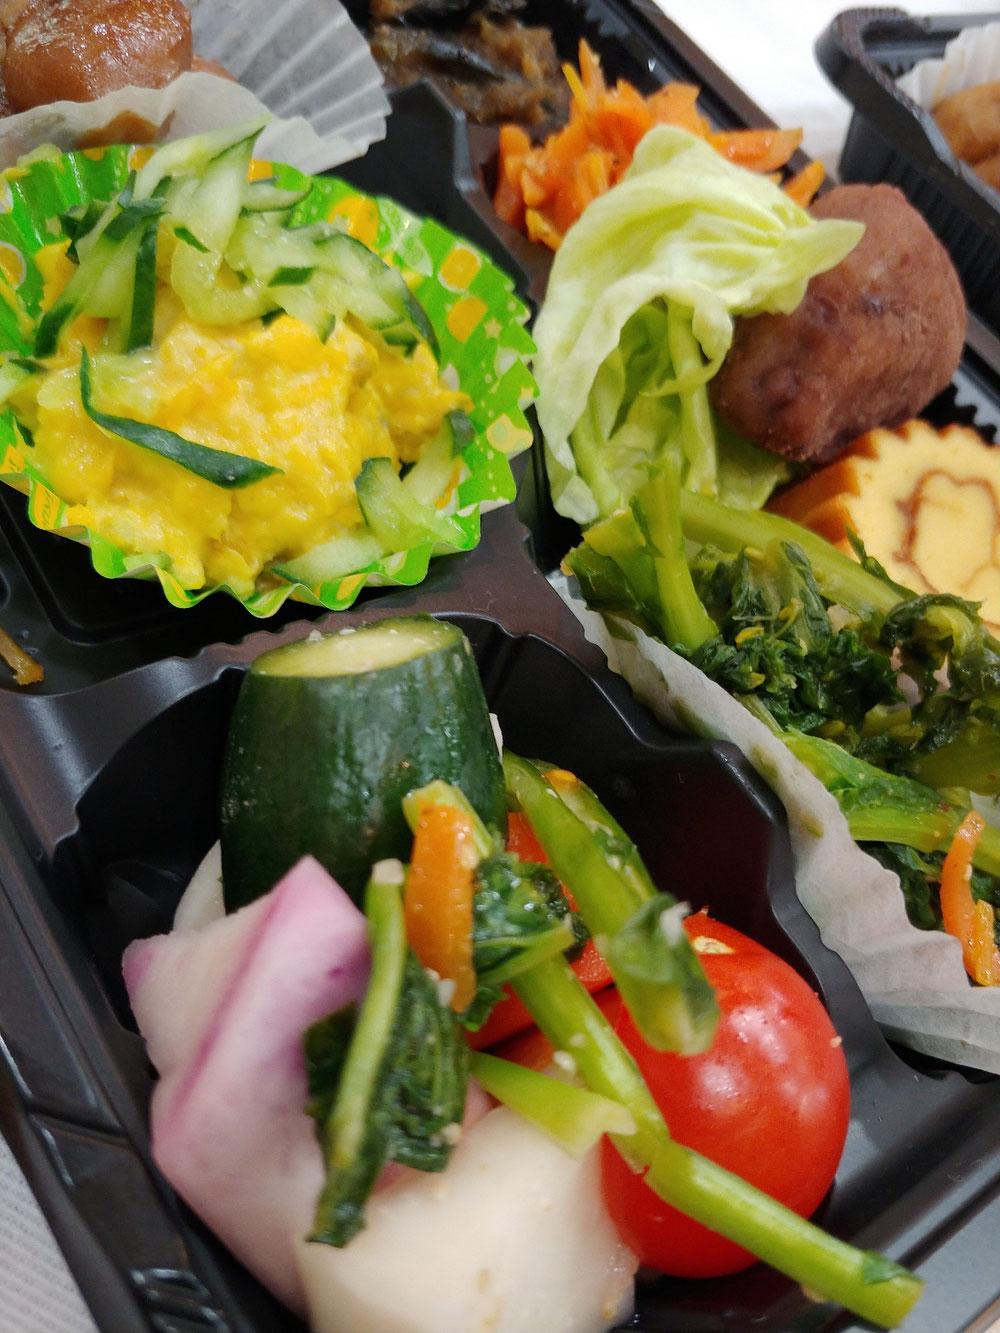 手作りご飯 自然食 無添加 食養講座